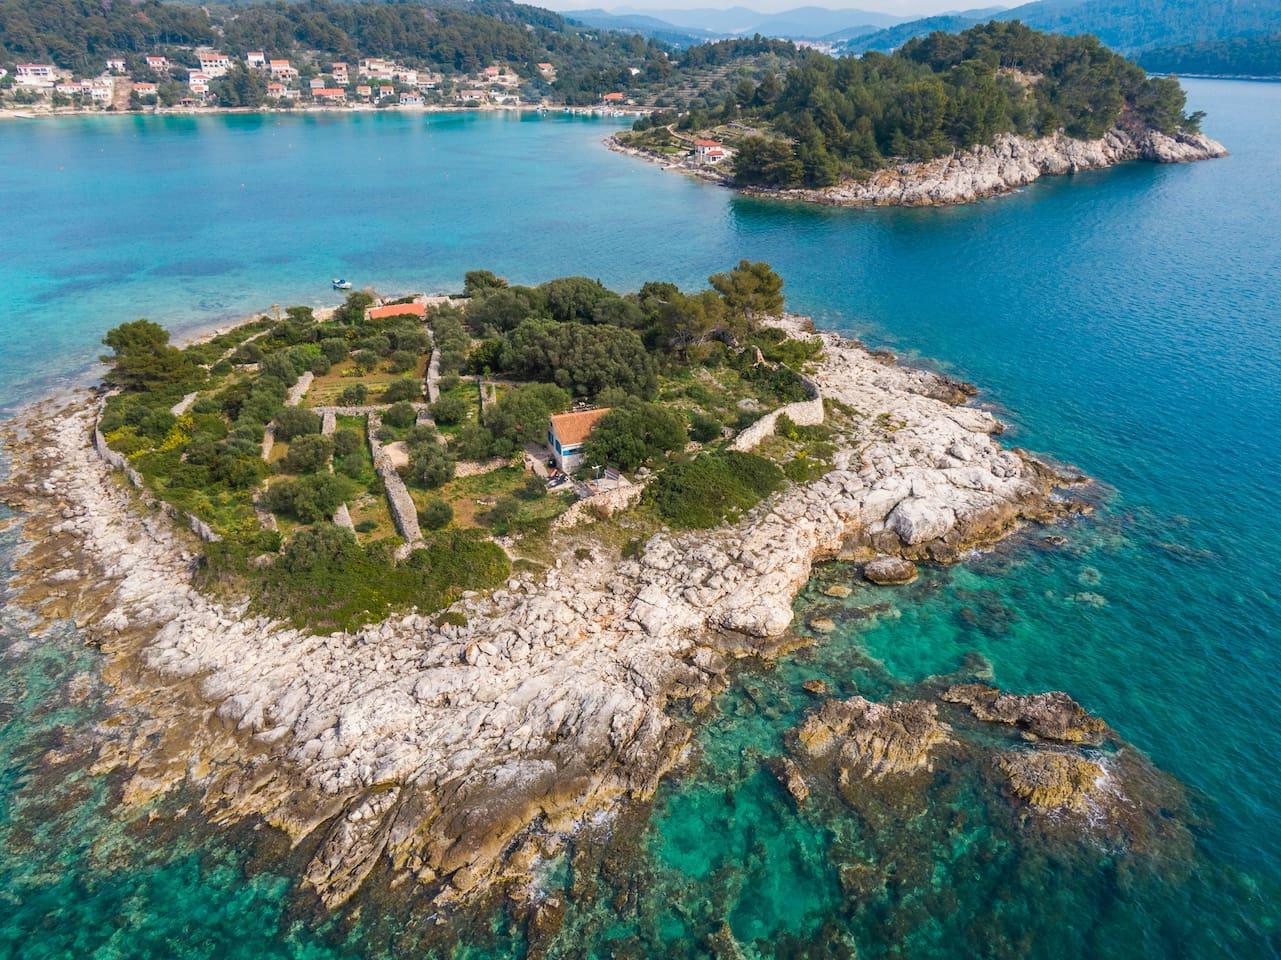 Stone house Villa Romana on island Gubeša and Gradina bay